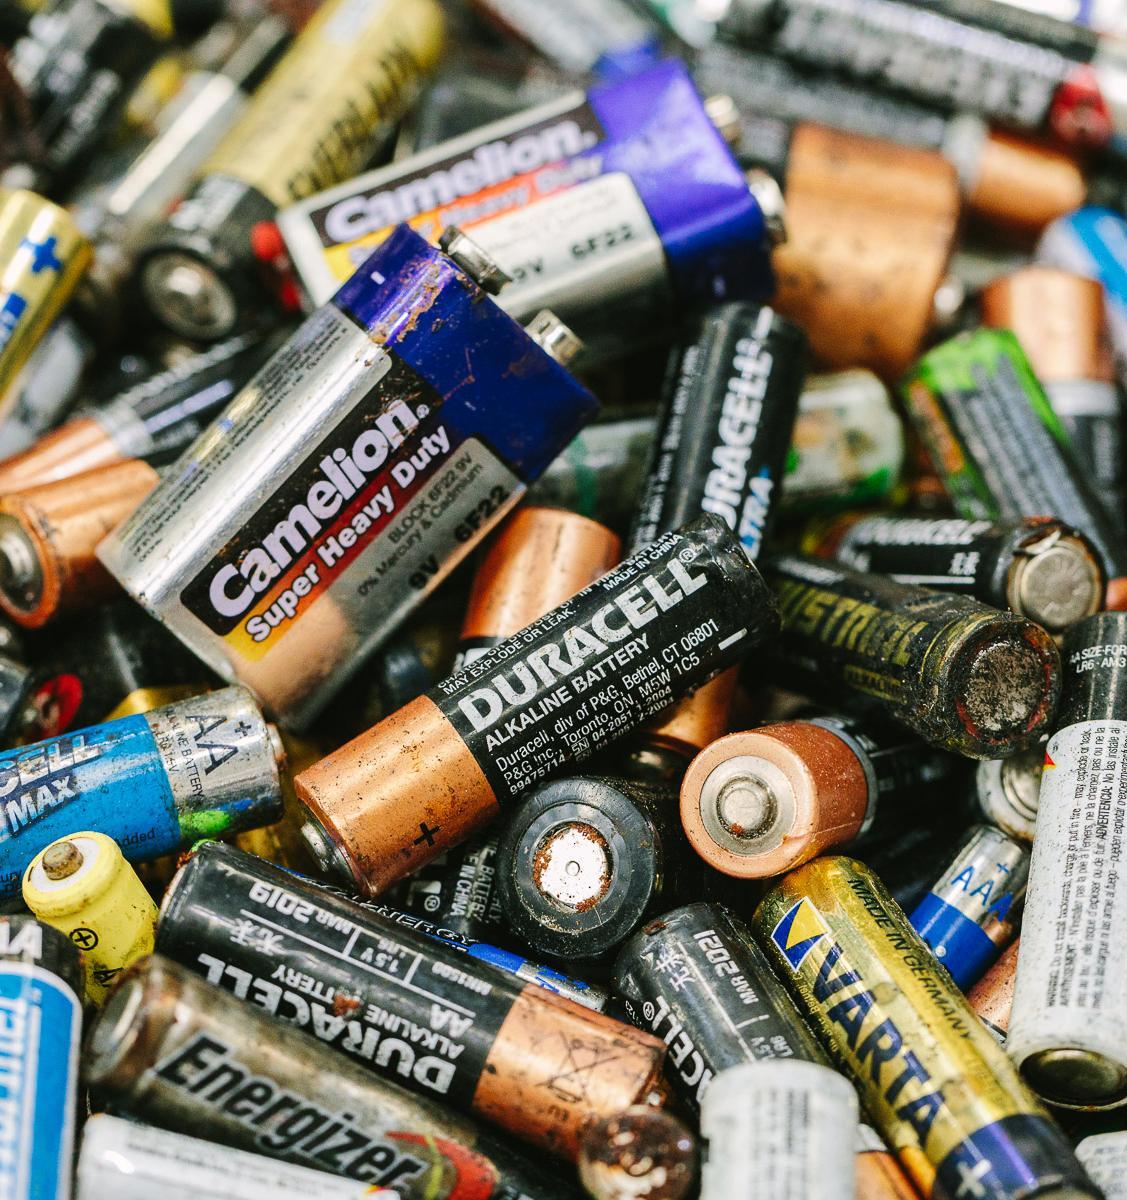 За сданные батарейки можно получить подарки